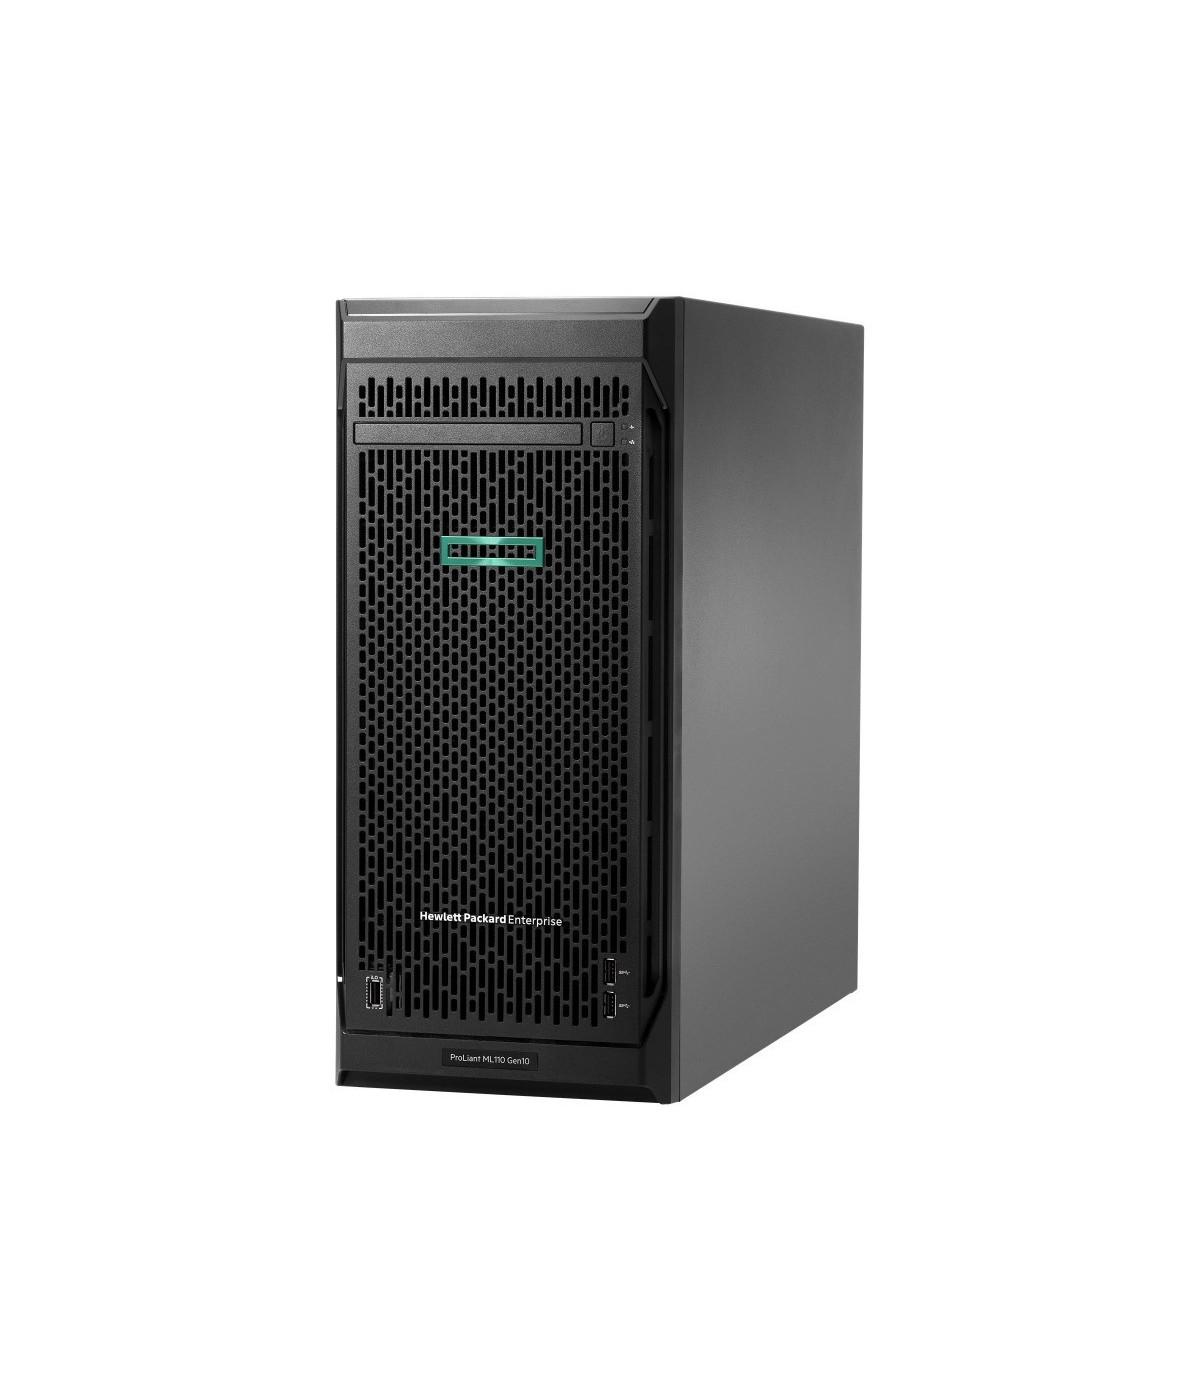 SERVIDOR HP ML110 G10 P03685-S01